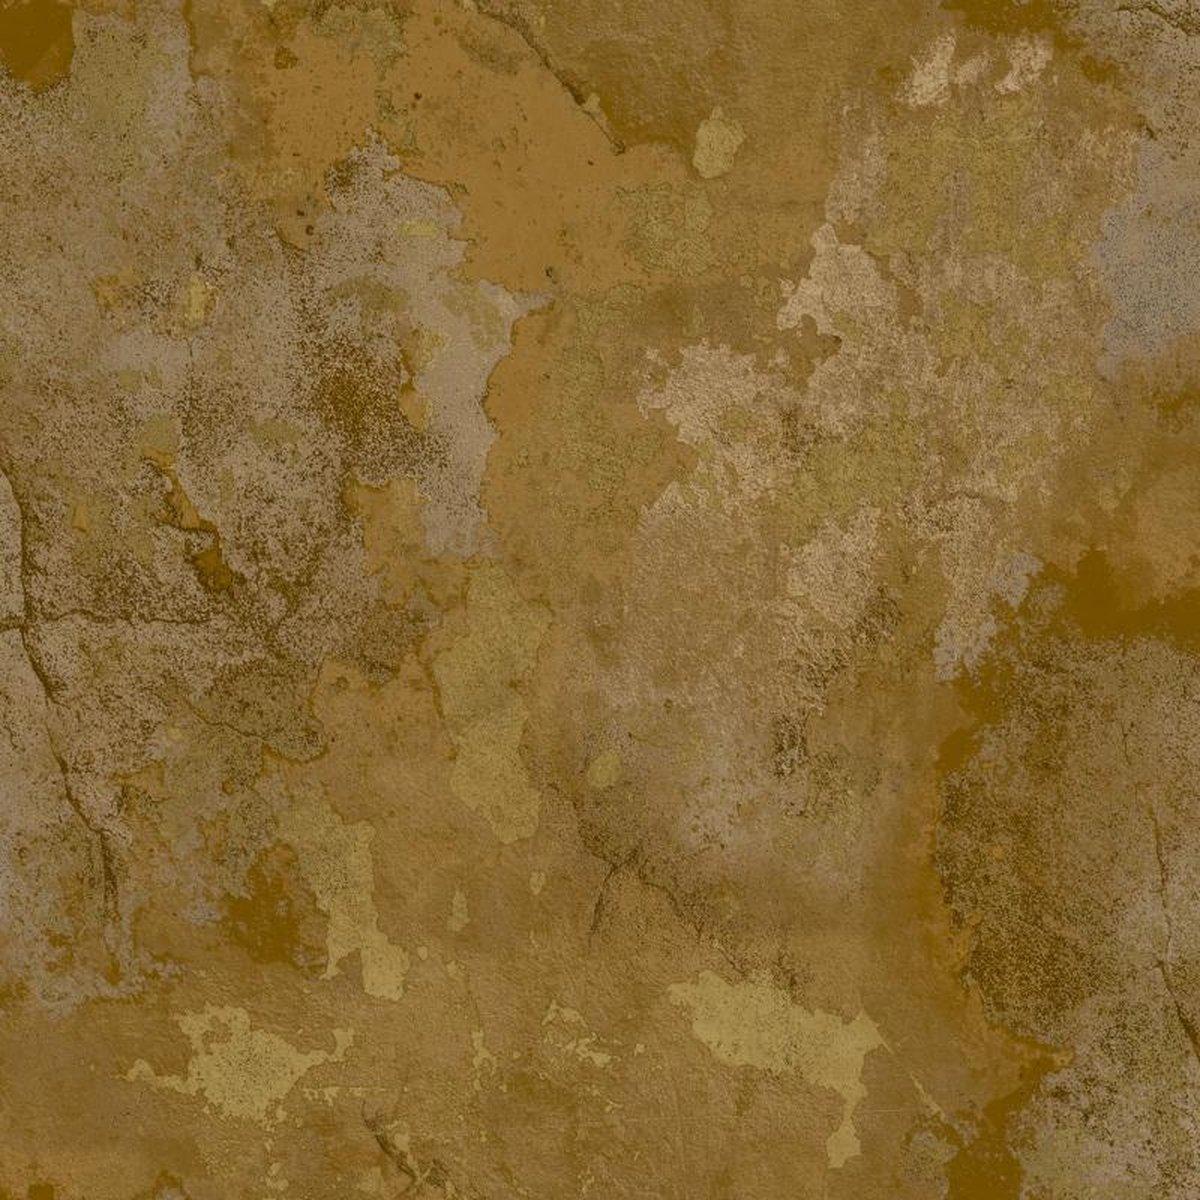 ZERO   Beton stuc look   goud, bruin   vinyl op vlies 0,53x10m